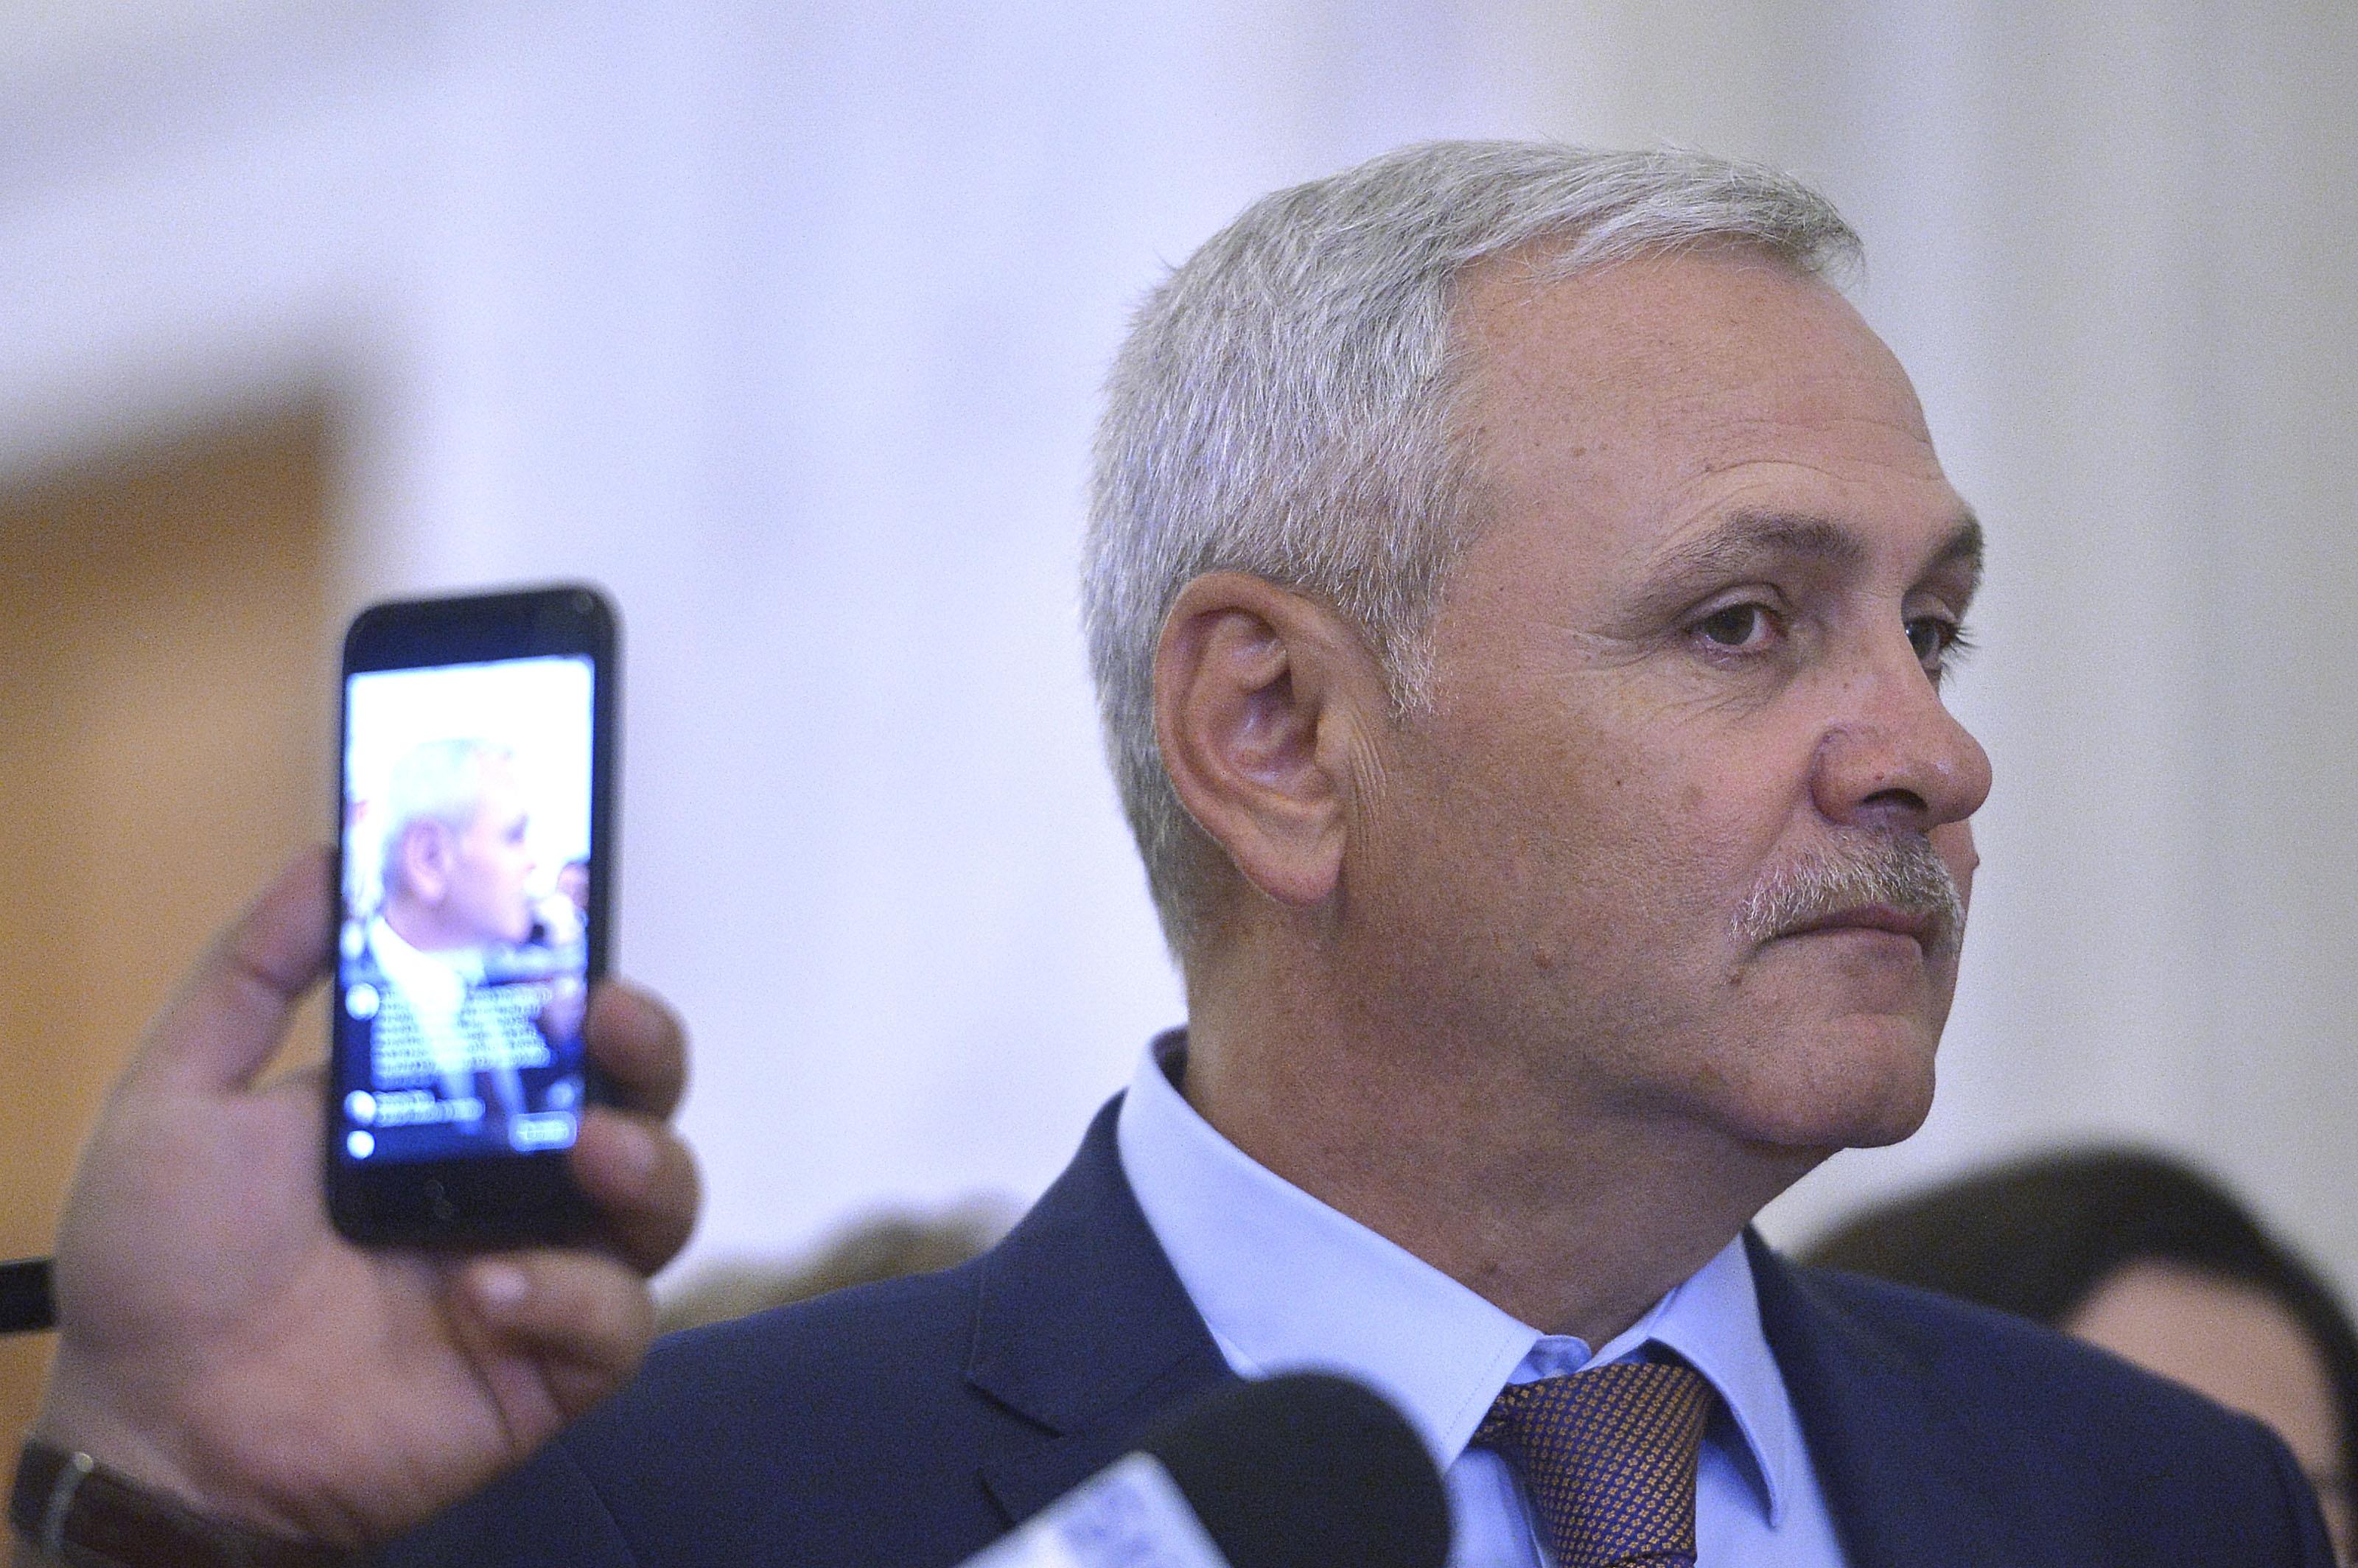 Denunţurile fostului deputat Cristian Rizea care ar putea arunca în aer clasa politică: Dragnea şi Geoană, printre cei vizaţi